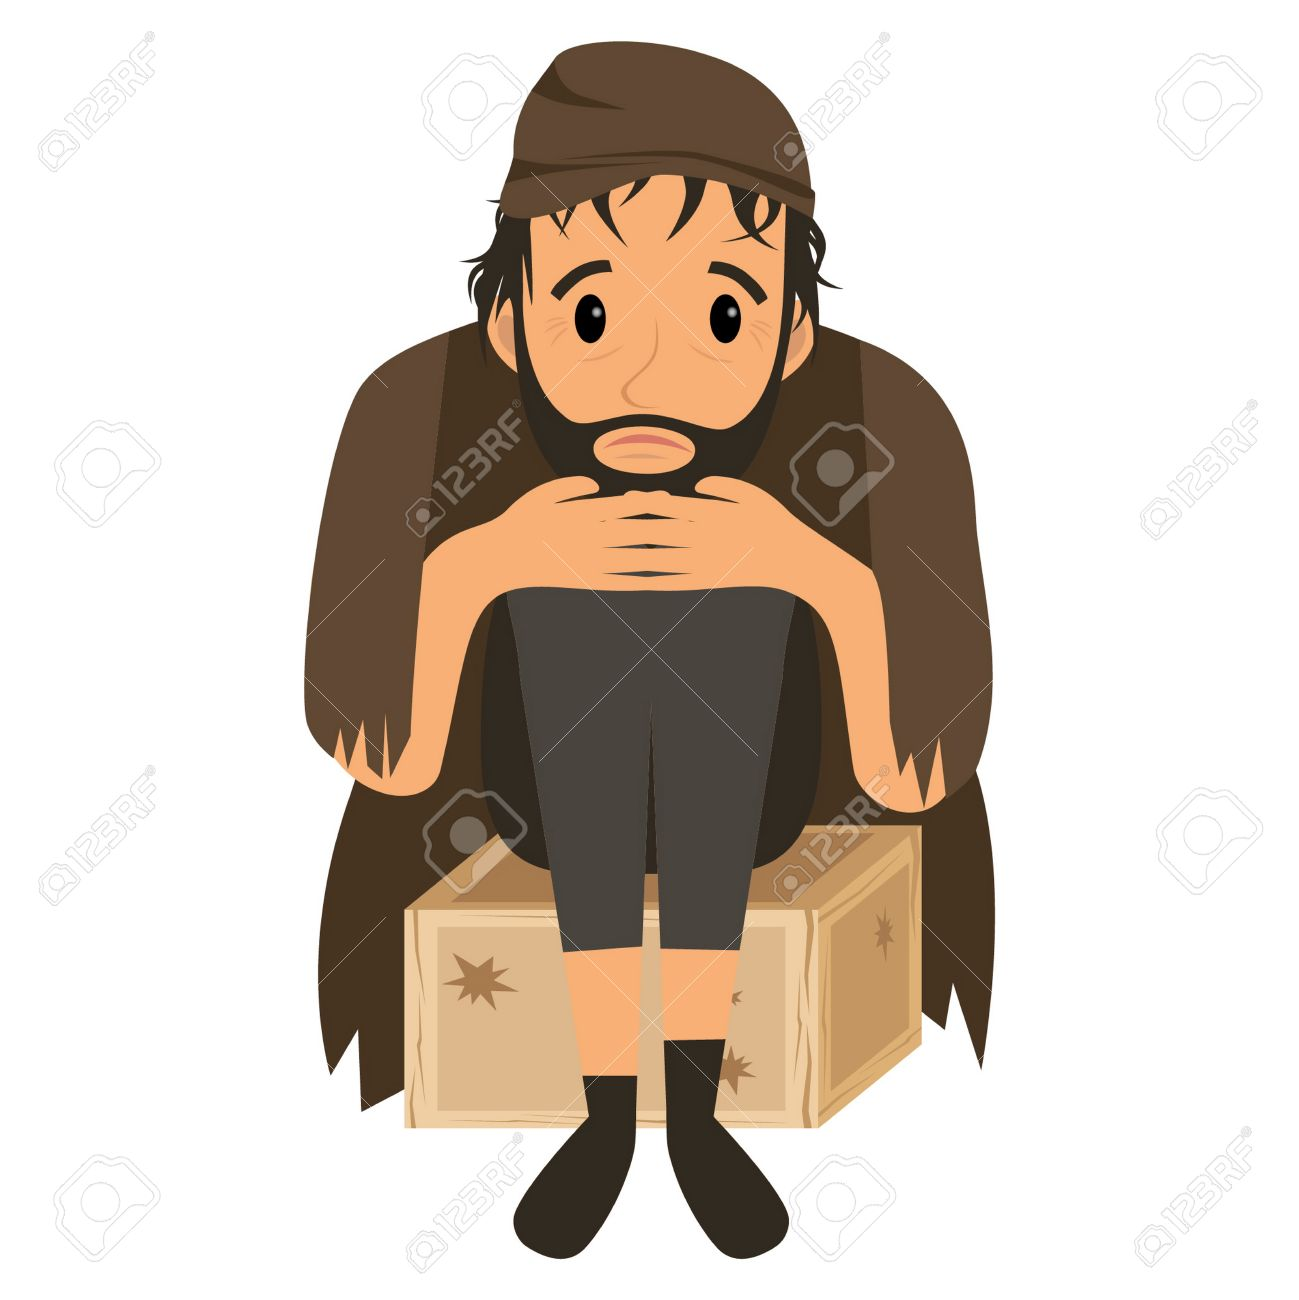 29d66accdd8f El hombre sin hogar con ropa vieja sucia en caja de madera. Vector  ilustración de dibujos animados plana